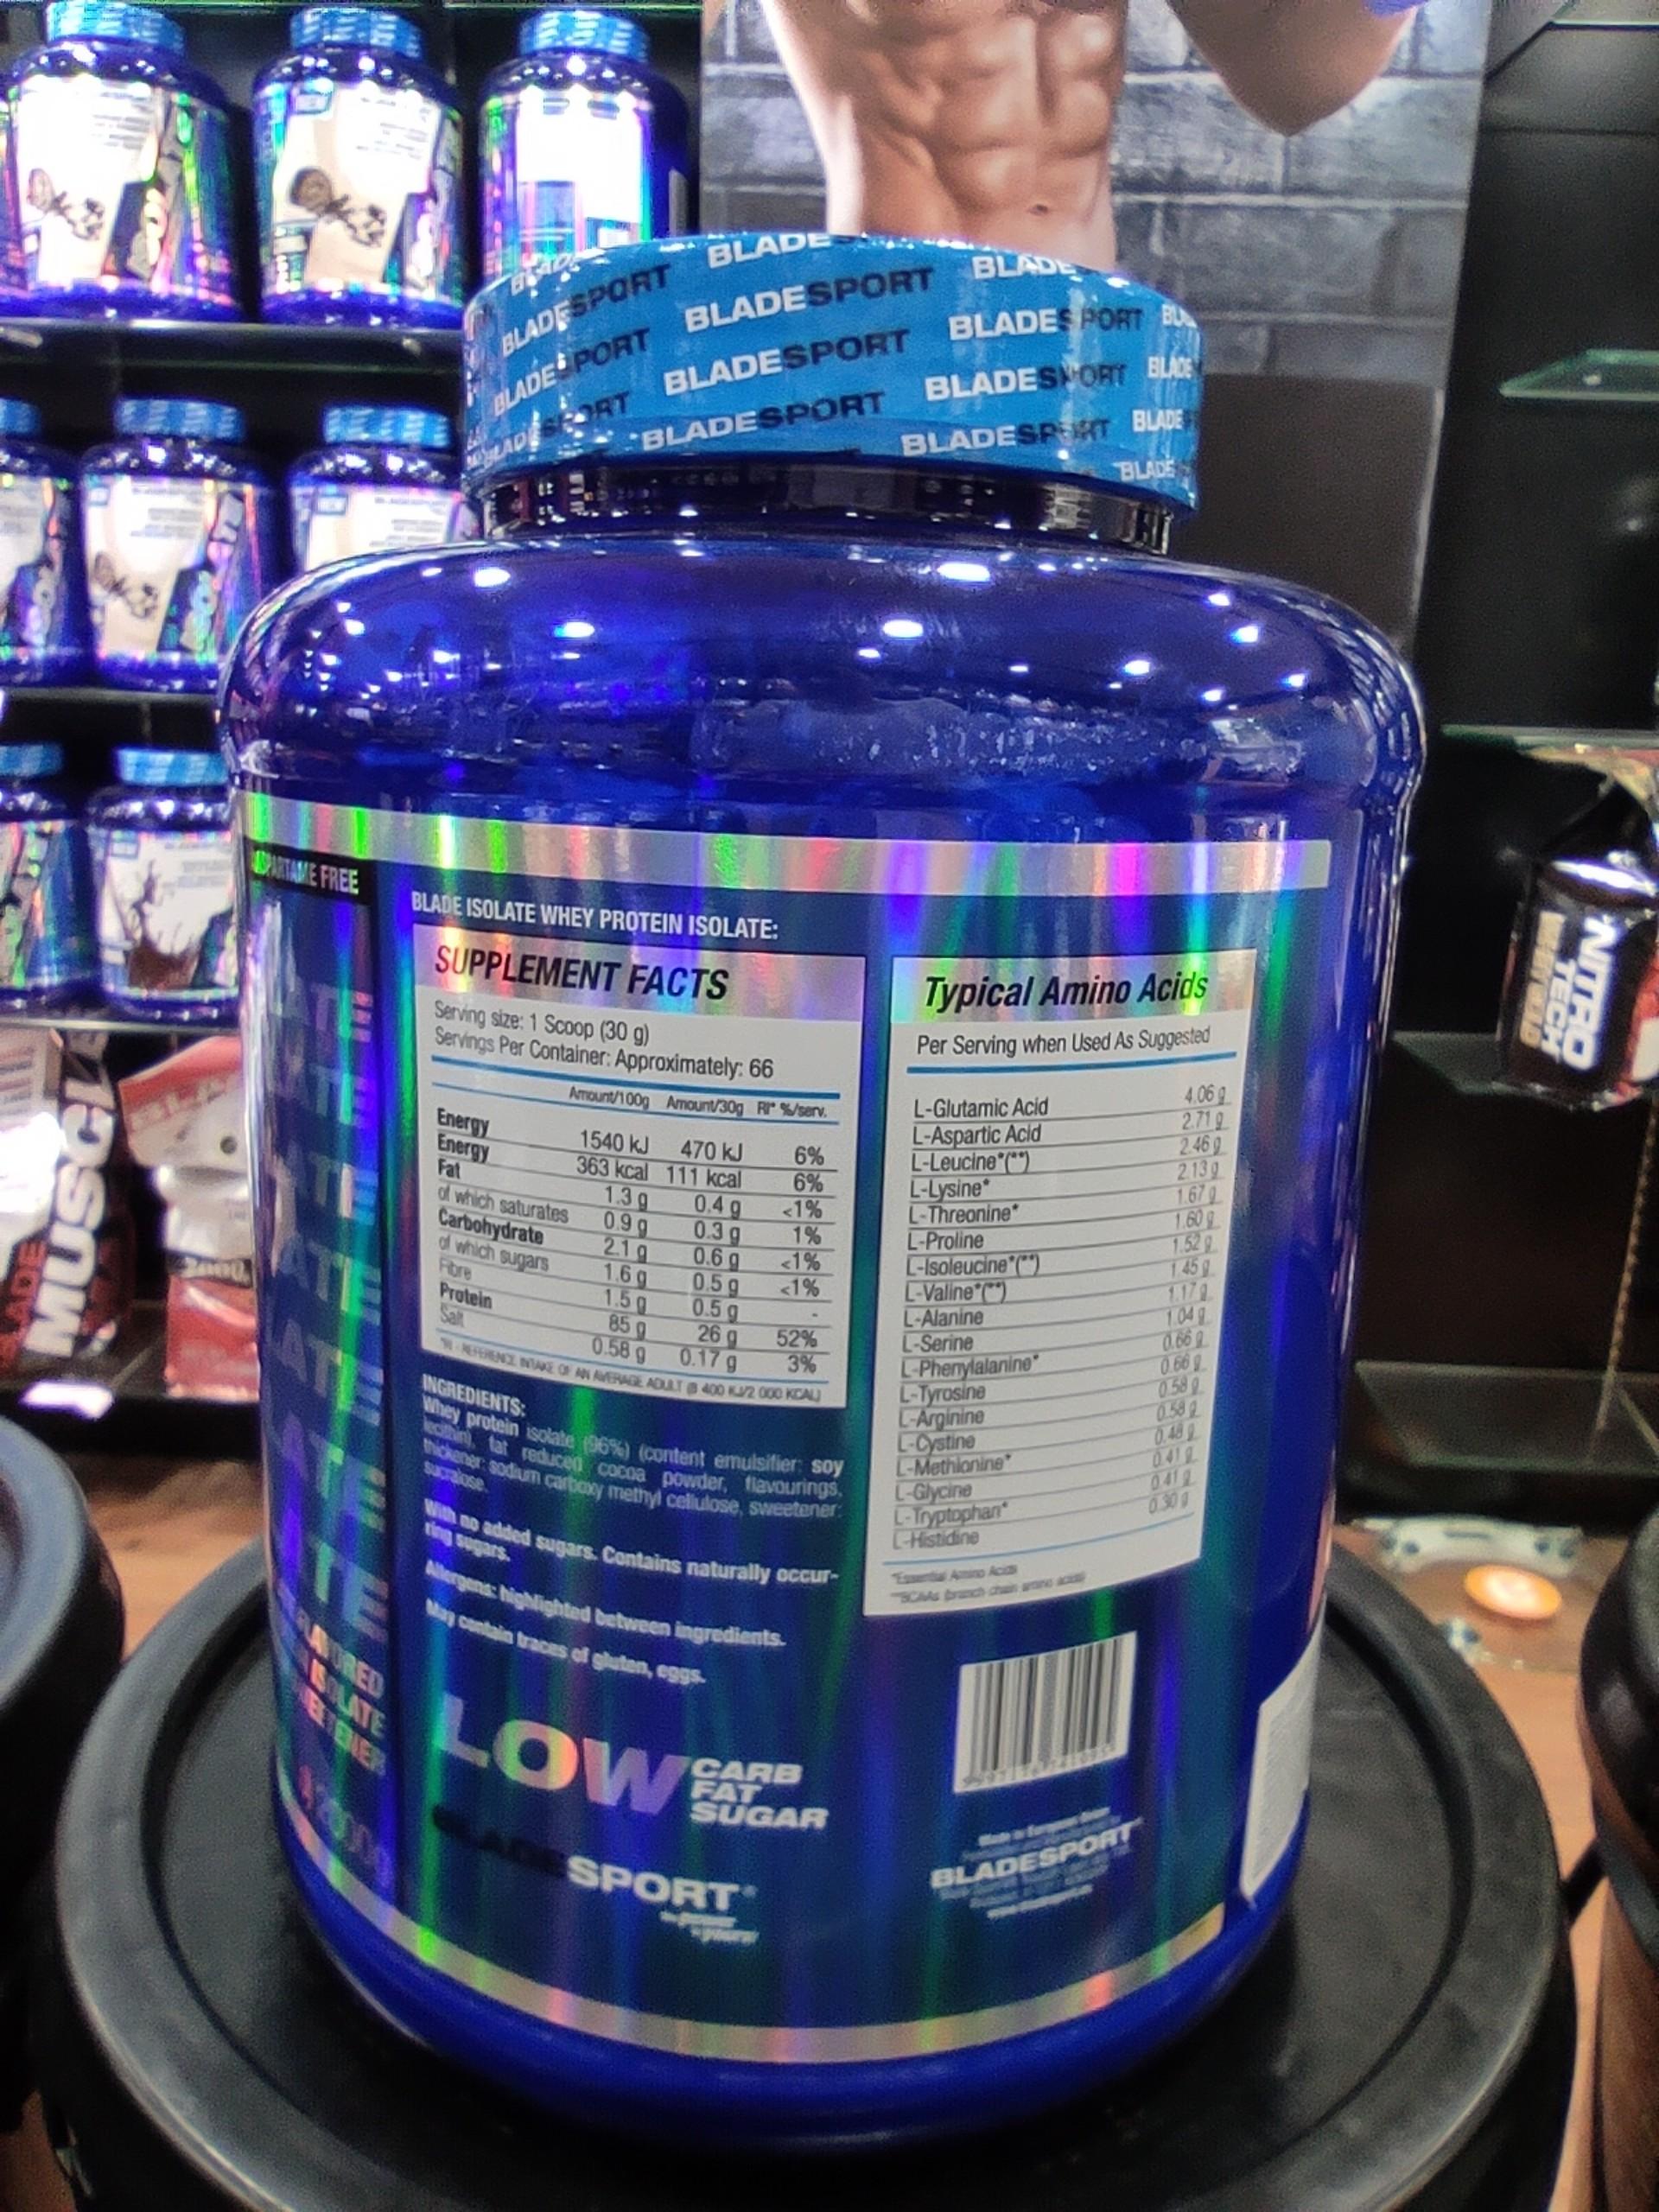 Sữa Tăng Cơ Blade Isolate 2000g – KÈM QUÀ - 3 Hương vị để lựa chọn - Protein tinh khiết hấp thụ nhanh – Hỗ trợ phục hồi, phát triển cơ bắp cho người chơi thể hình và thể thao – Thương hiệu Châu Âu, nhập khẩu chính hãng